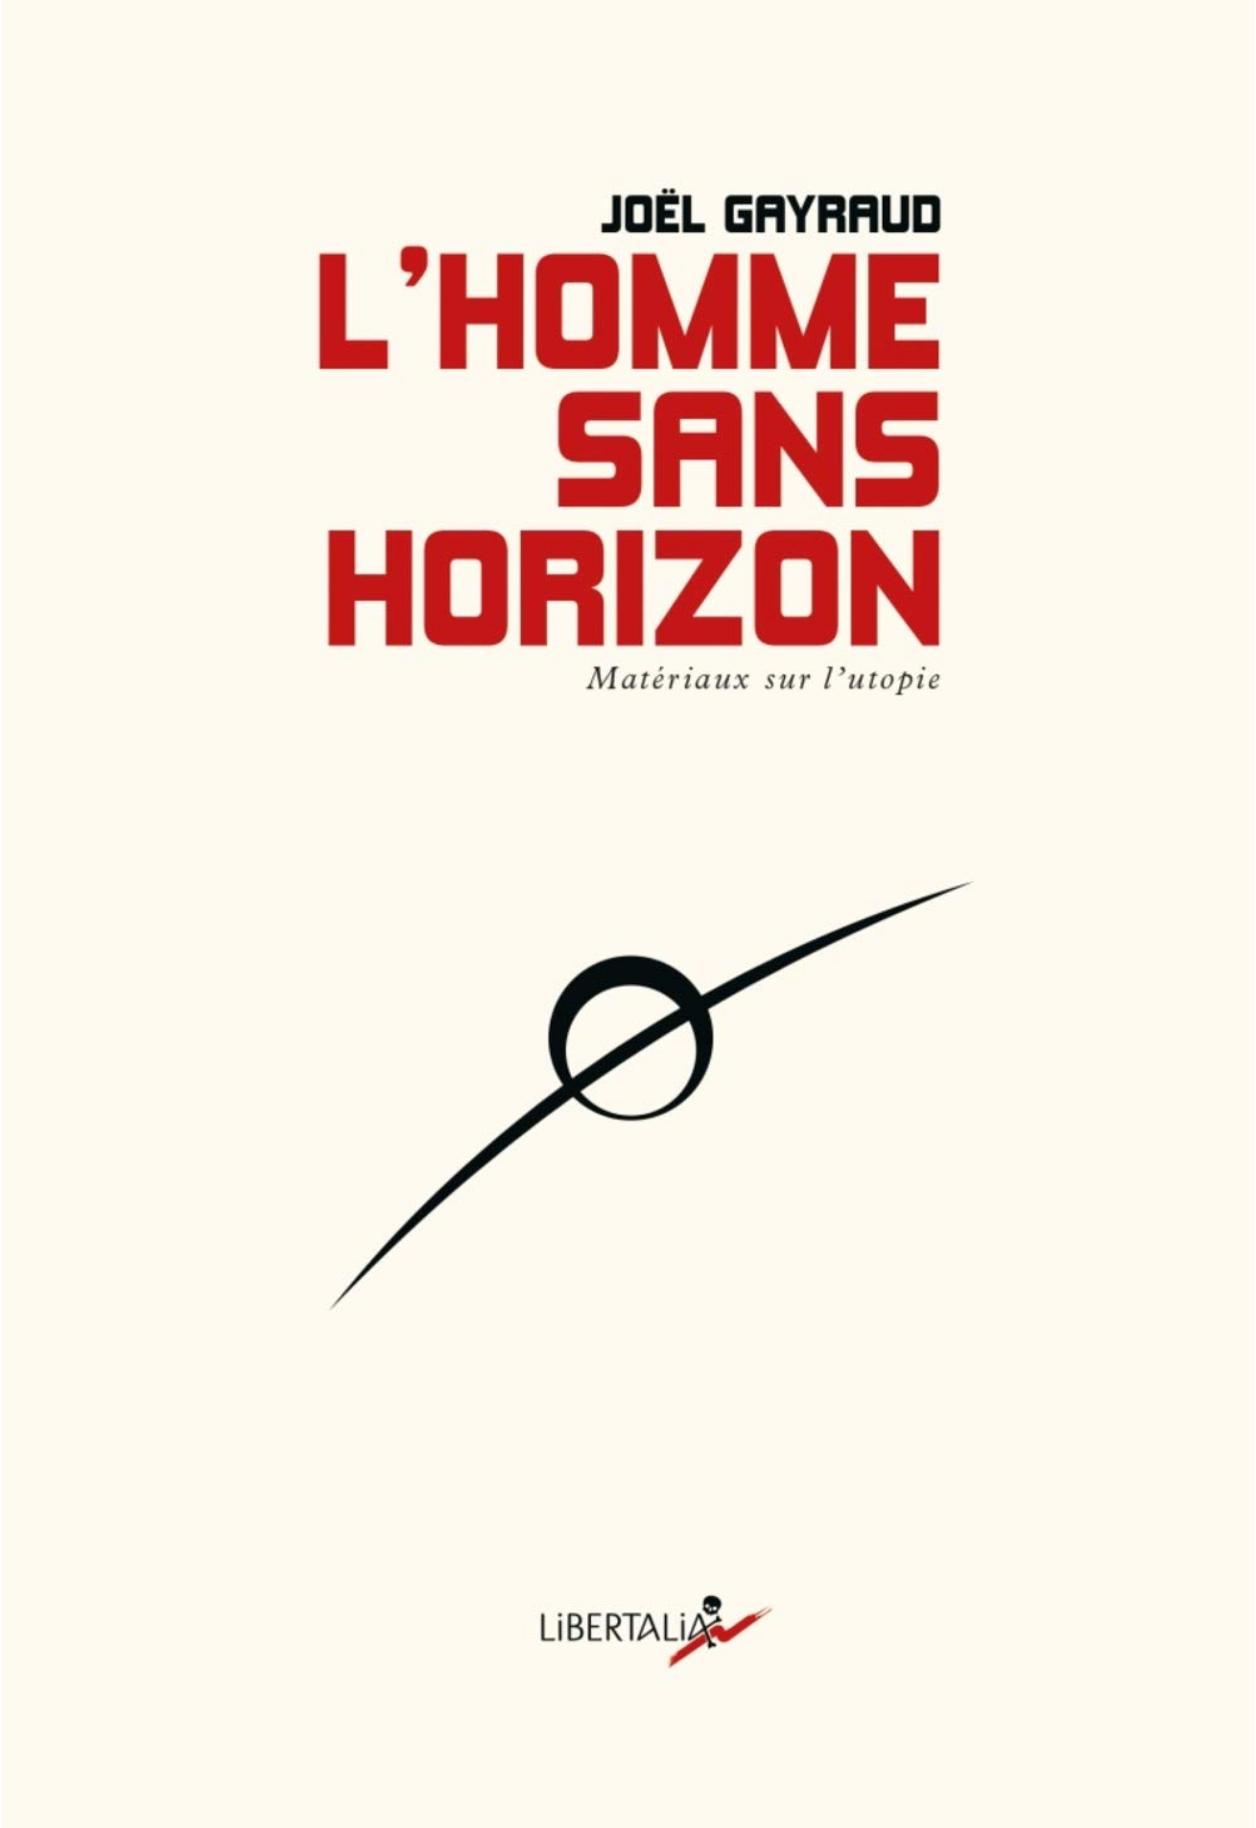 Lhomme Sans Horizon Un Livre De Joël Gayraud Lignes De